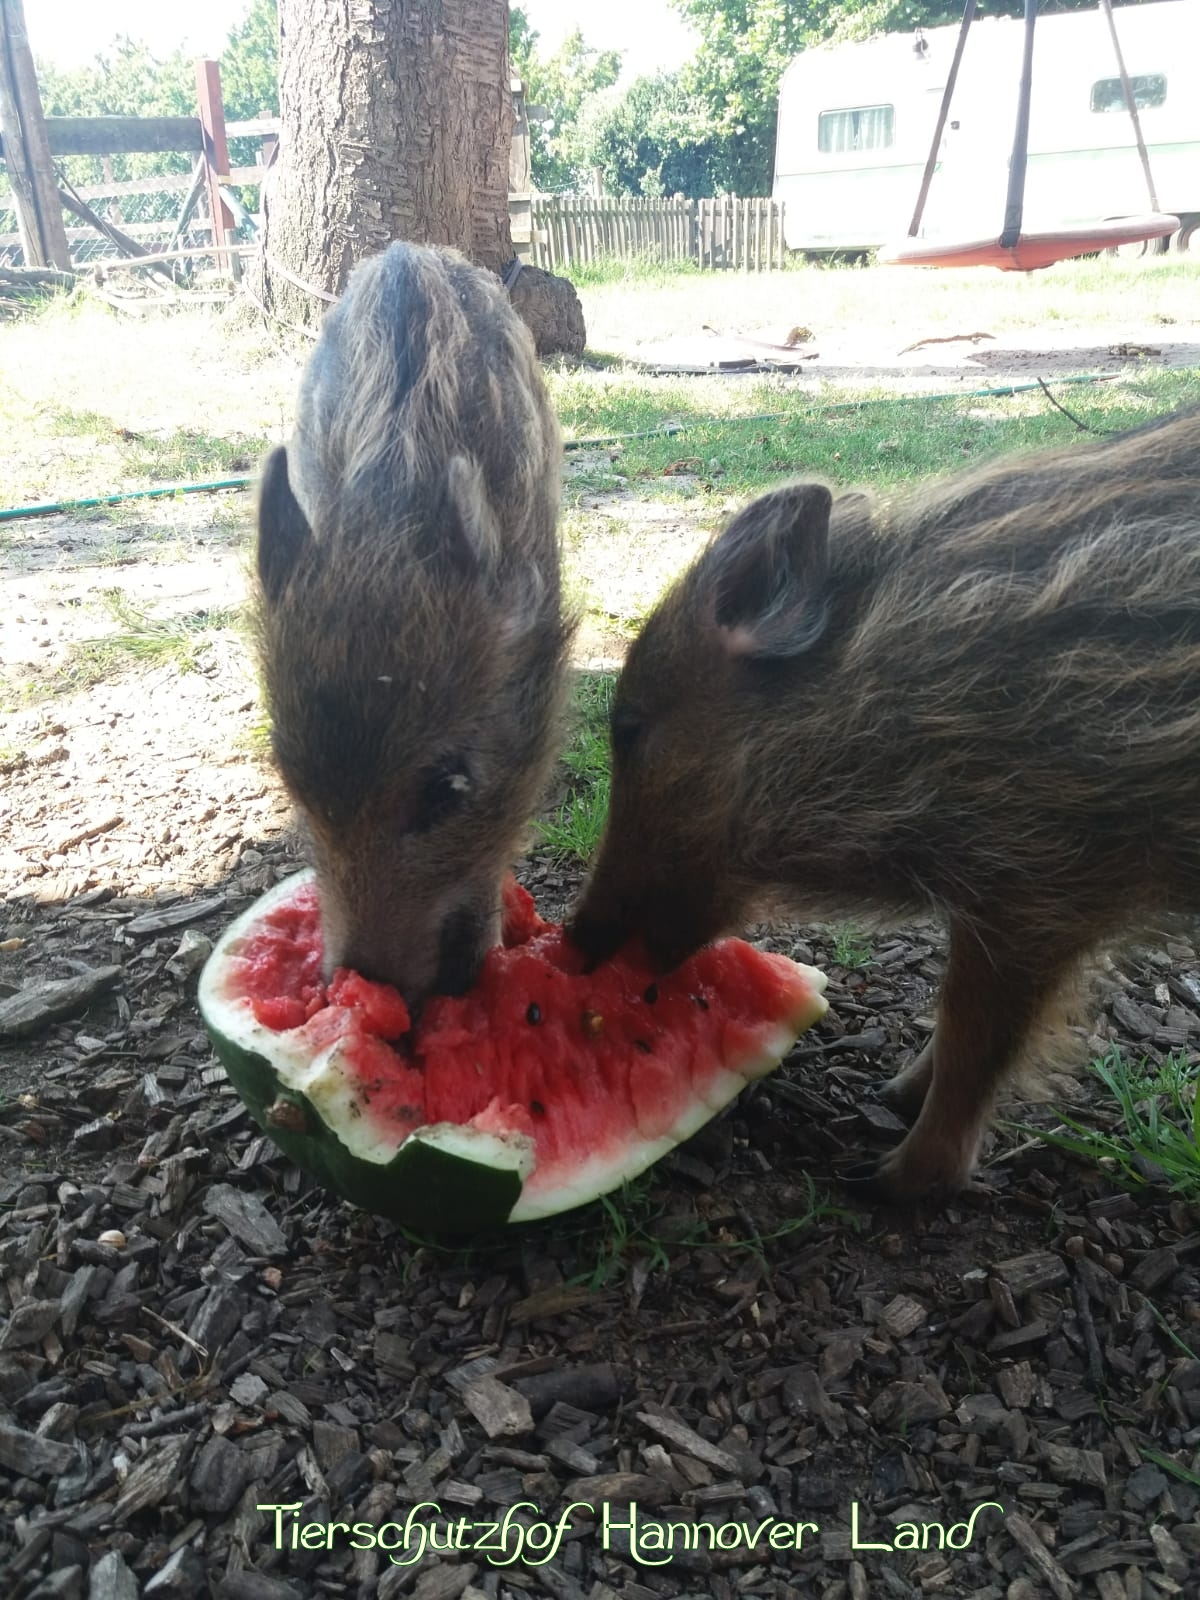 Heißes Wetter im August - da erfrischt eine Wassermelone wunderbar...